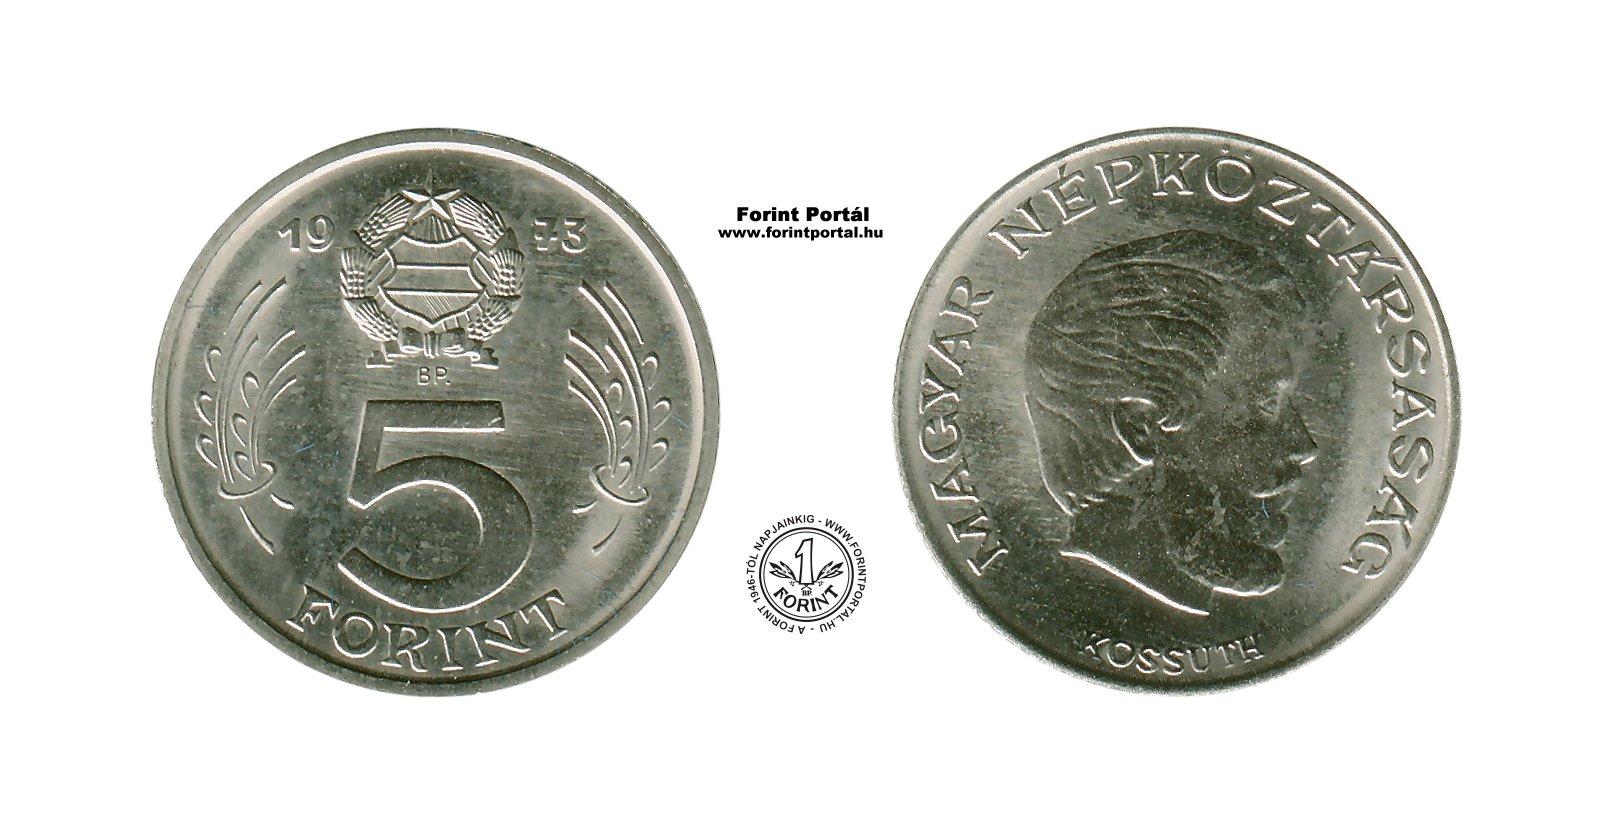 http://www.forintportal.hu/forint/5_forint/www_forintportal_hu_1973_5_forint.jpg